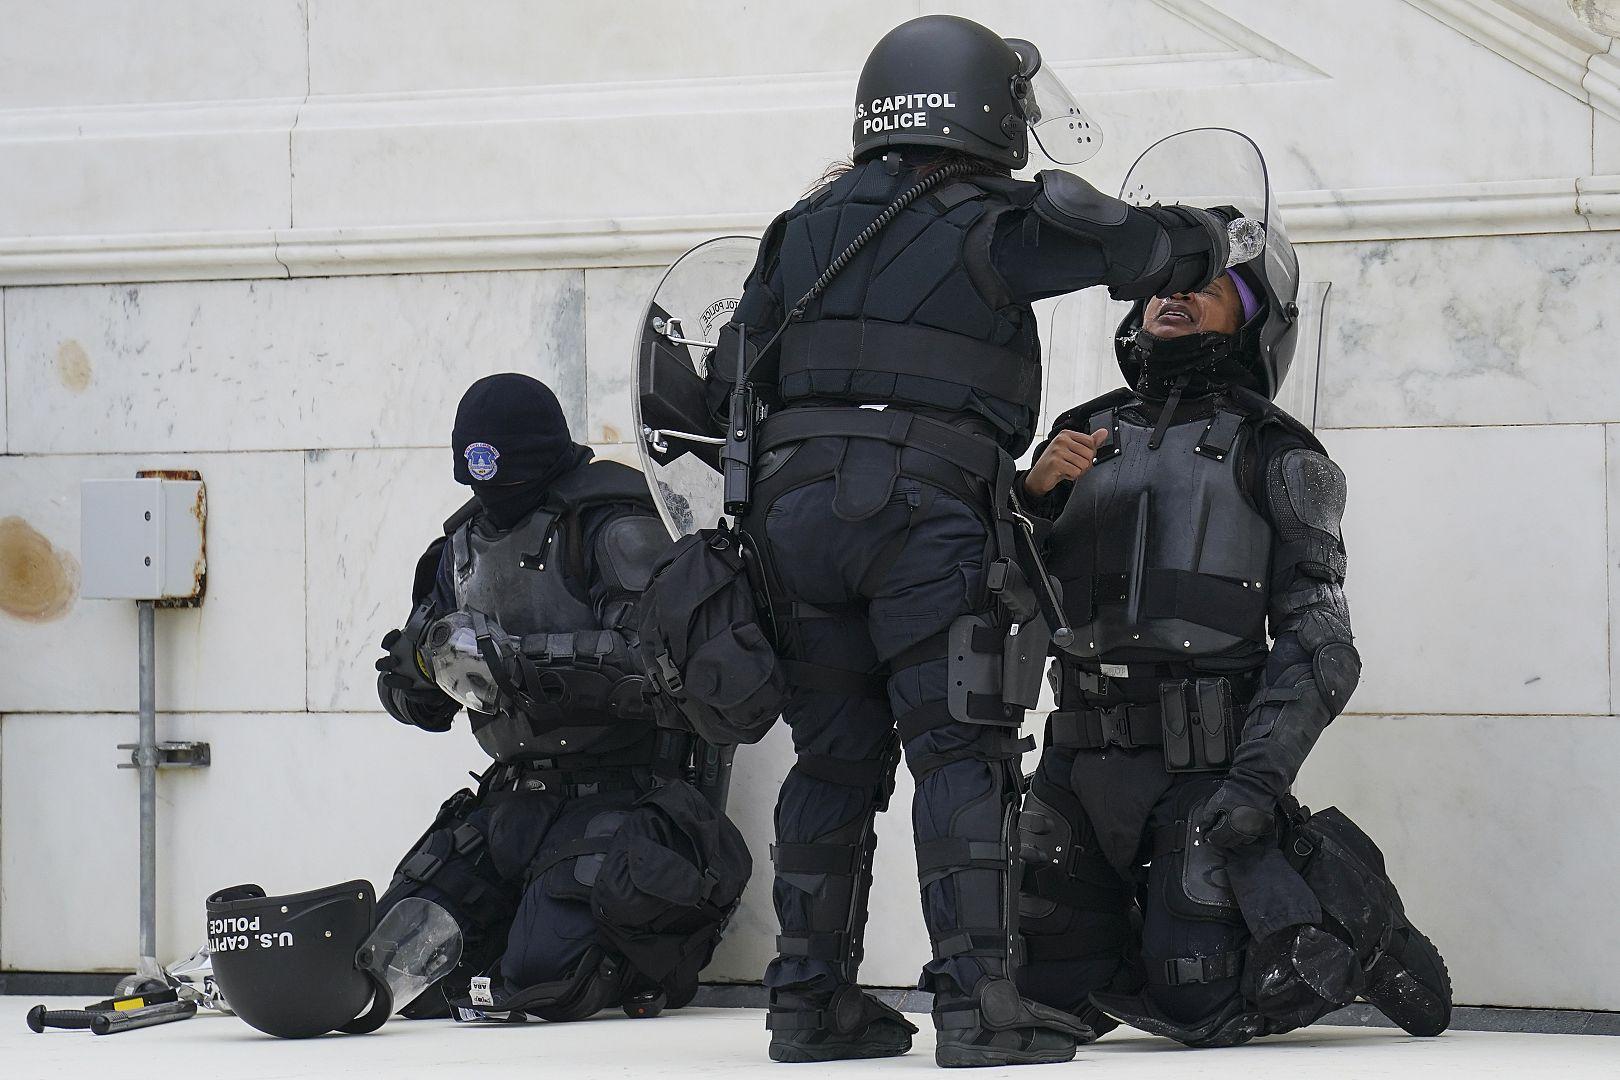 Seorang petugas polisi memiliki mata yang memerah dengan air setelah konfrontasi dengan demonstran di Capitol di Washington, AS. 6 Januari 2021